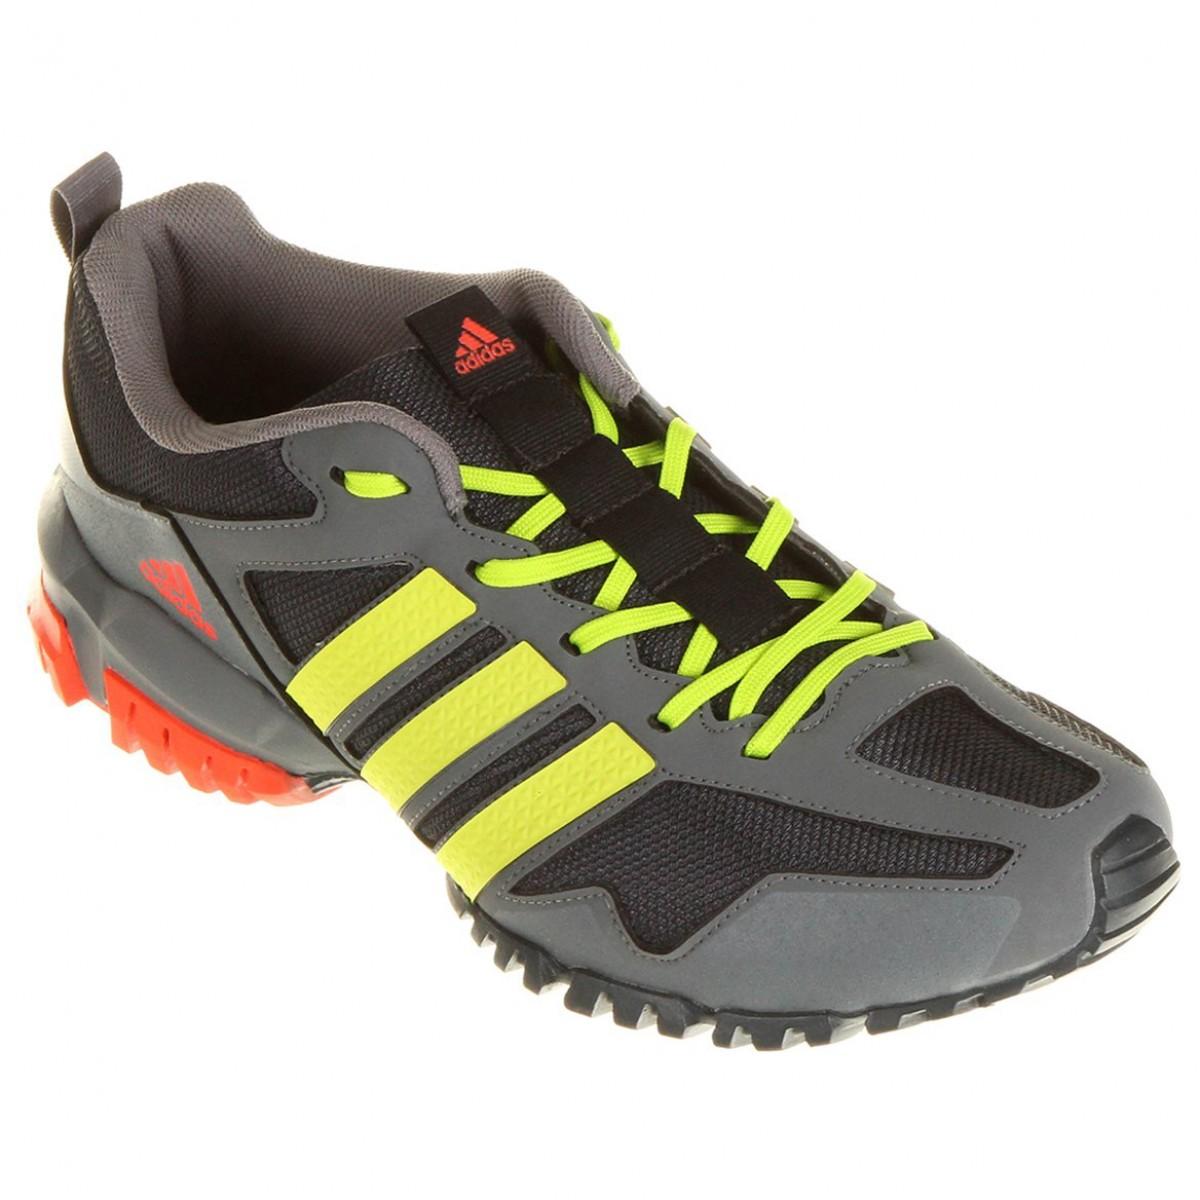 1beac72e8 Tênis Adidas Aresta S Masculino Original - Compre Agora